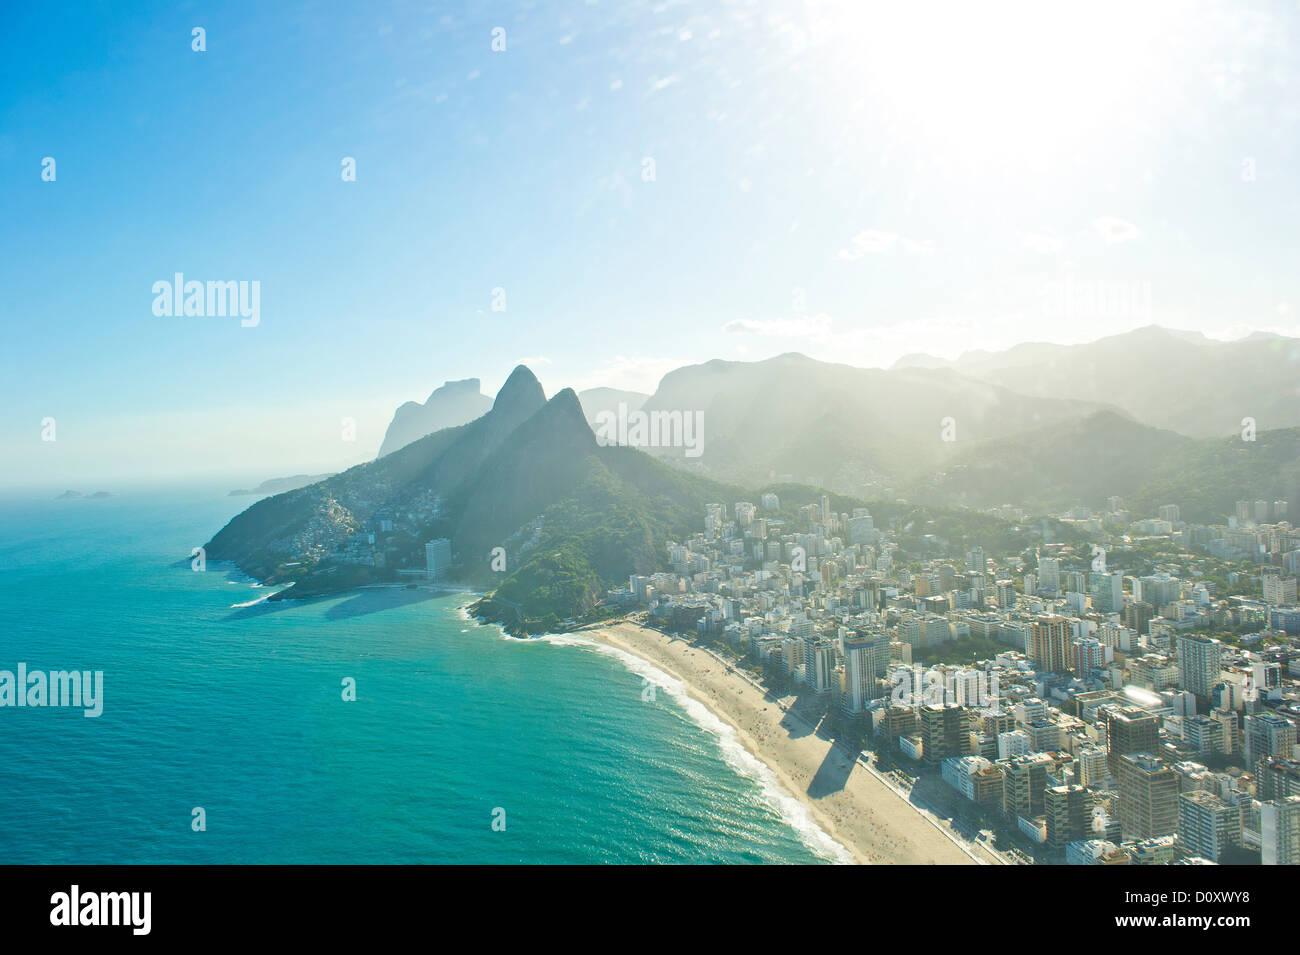 Vista aerea della spiaggia di Ipanema e Morro Dois Irmaos, Rio de Janeiro, Brasile Immagini Stock